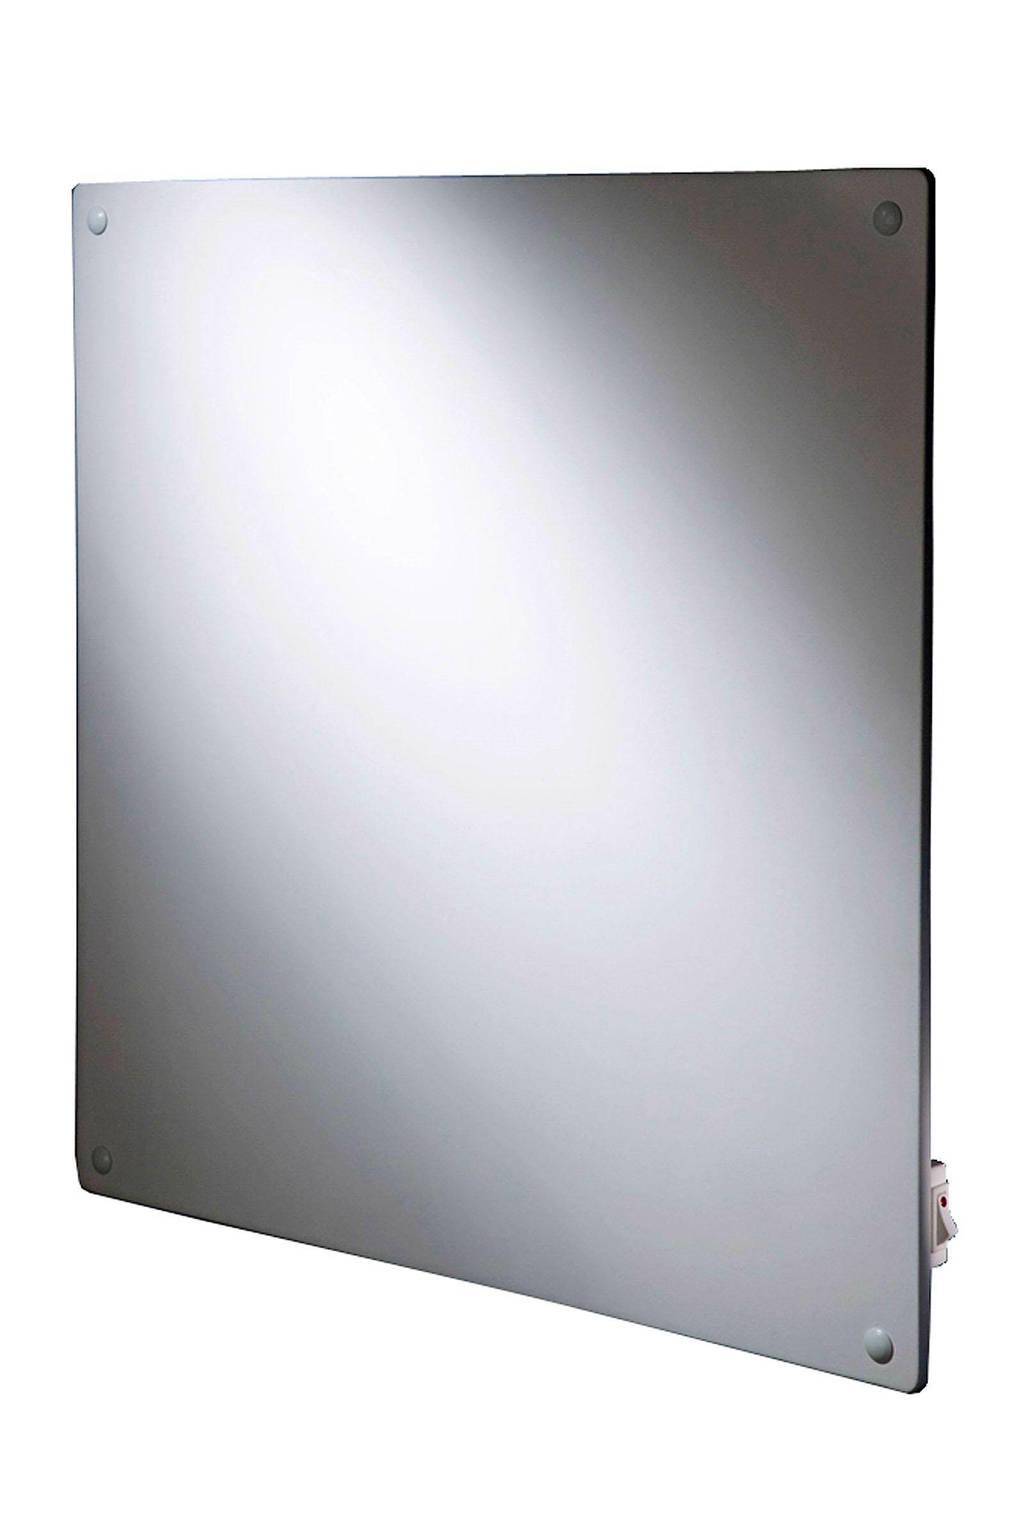 Voorkeur Econoheat EP3-400 electrisch verwarmingspaneel 400W | wehkamp QB47